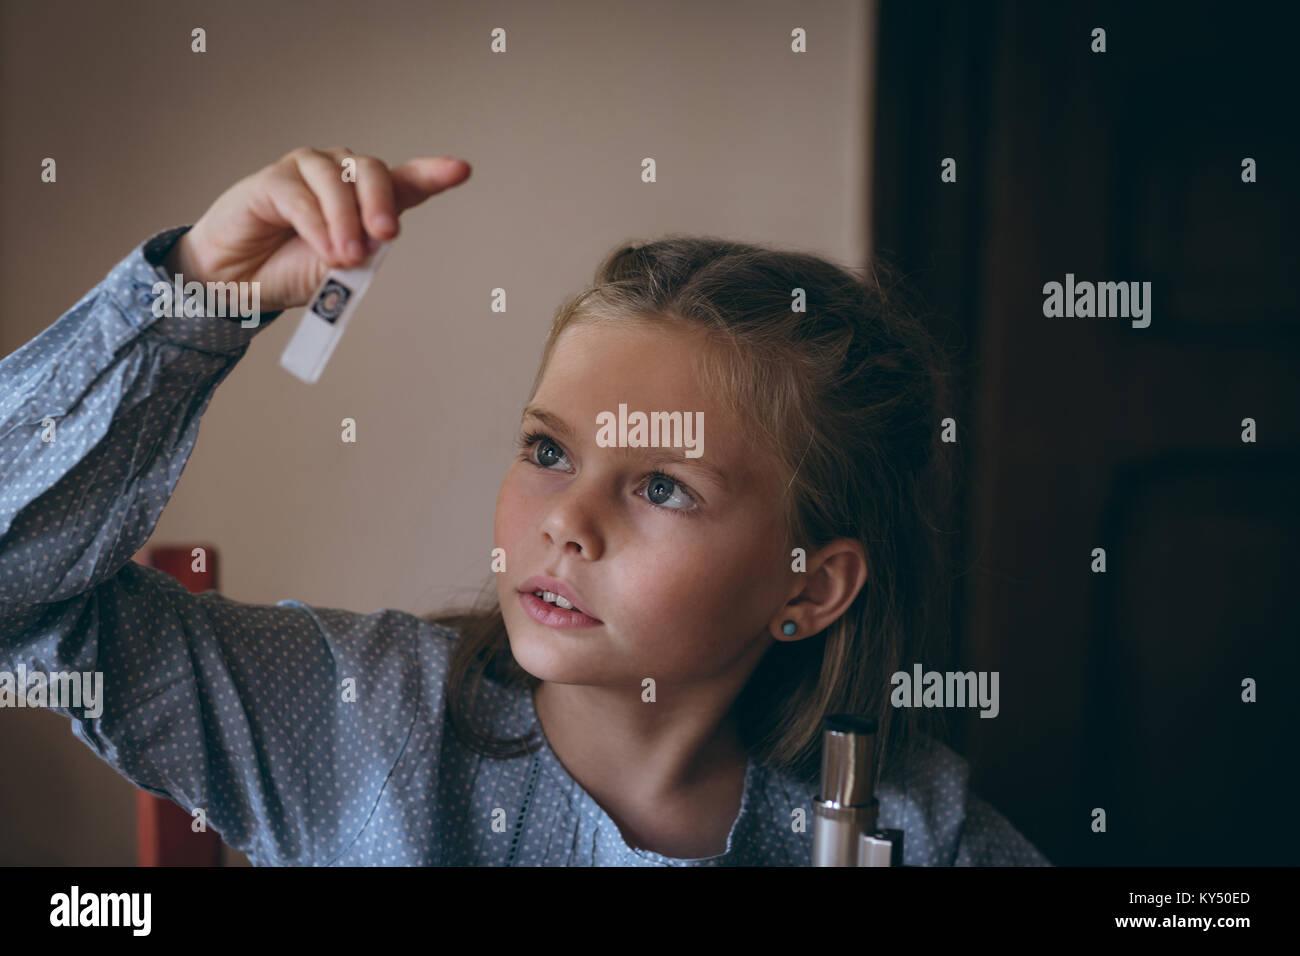 Girl examining the glass slide - Stock Image